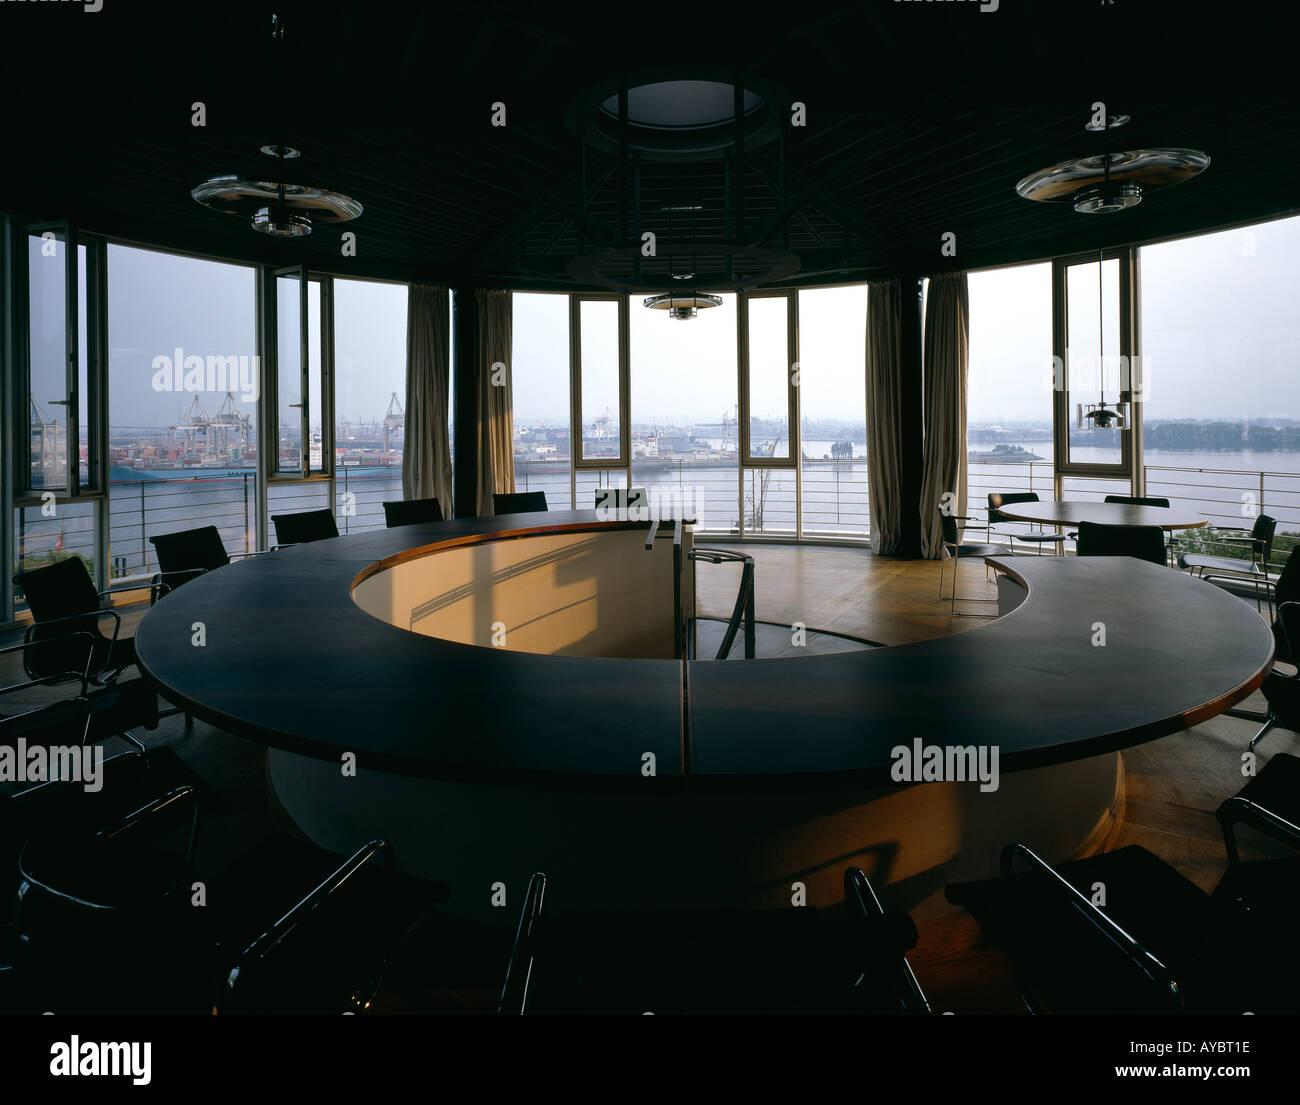 Von Gerkan Marg e uffici. Sala conferenze. Architetto: von Gerkan, Marg e partner Immagini Stock